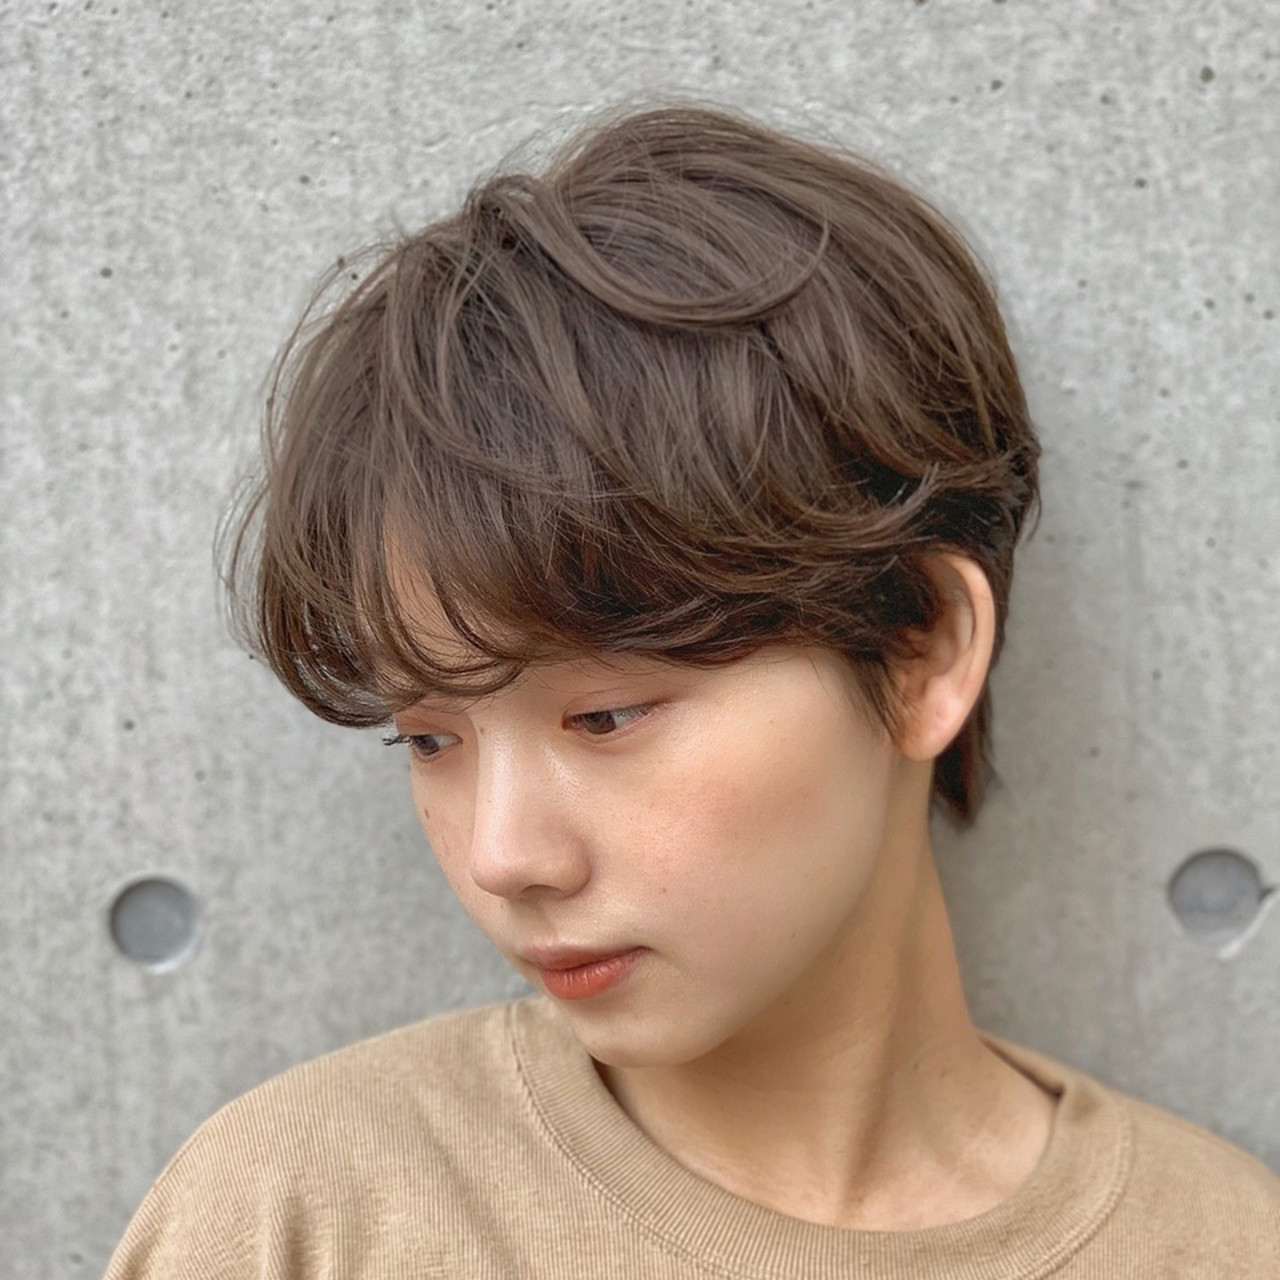 ショート オフィス ヘアアレンジ パーマ ヘアスタイルや髪型の写真・画像 | 大塚孝範 / hair salon ing (ヘア サロン イング)